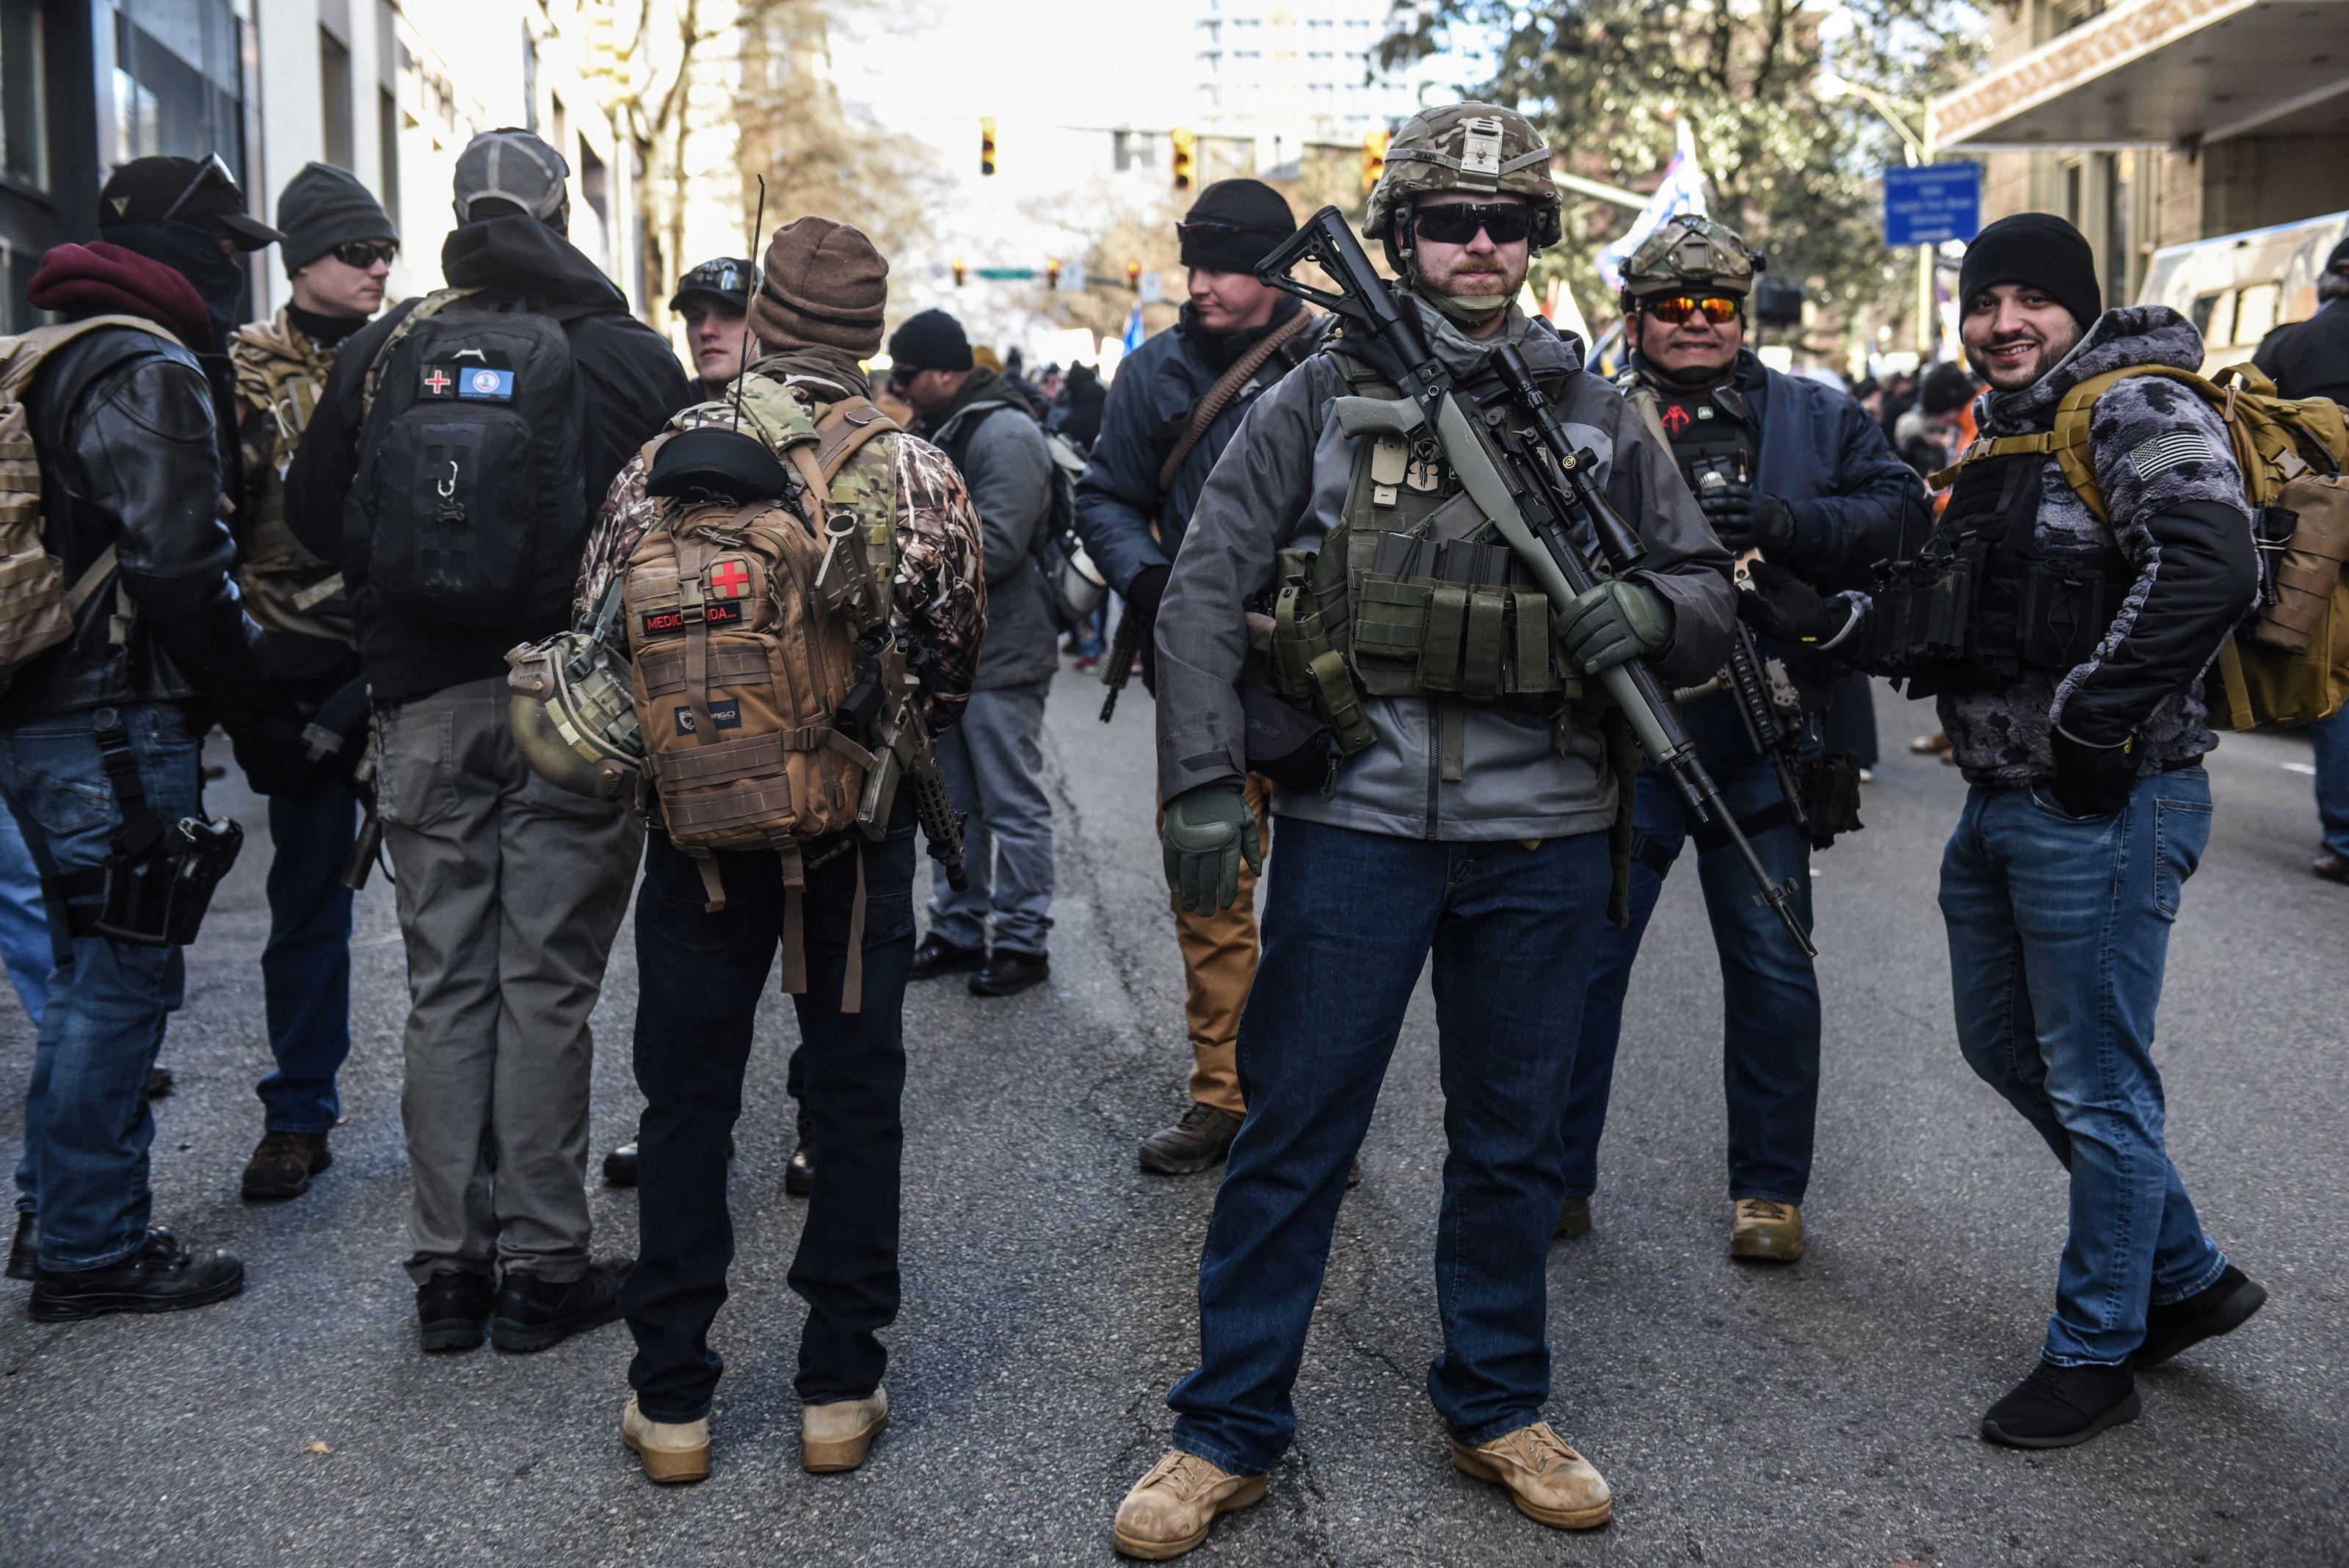 Cascos tácticos y fusiles de precisión en esta imagen de la marcha al Capitolio de Richmond (REUTERS/Stephanie Keith)